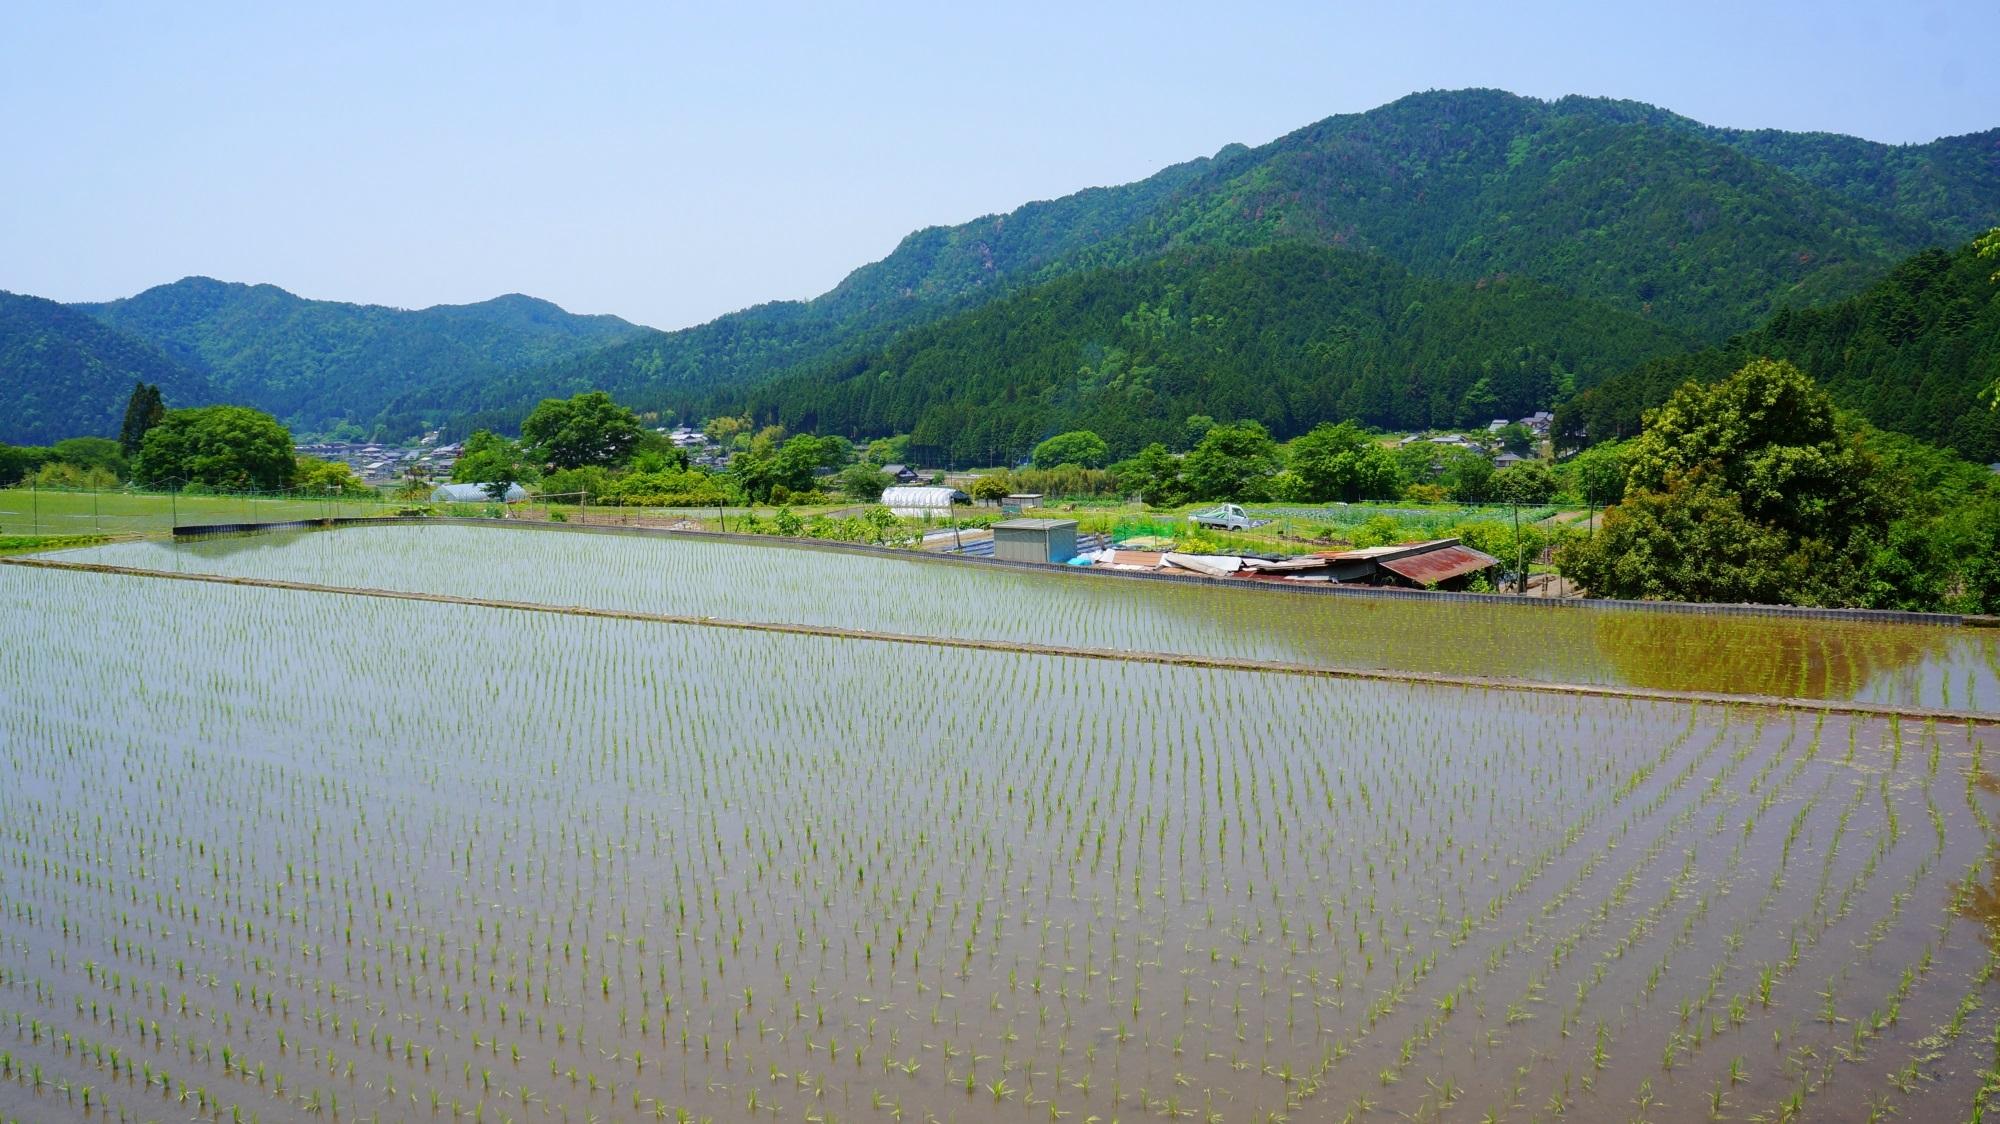 大原 新緑と田んぼと畑 京都の清々しい緑と大地